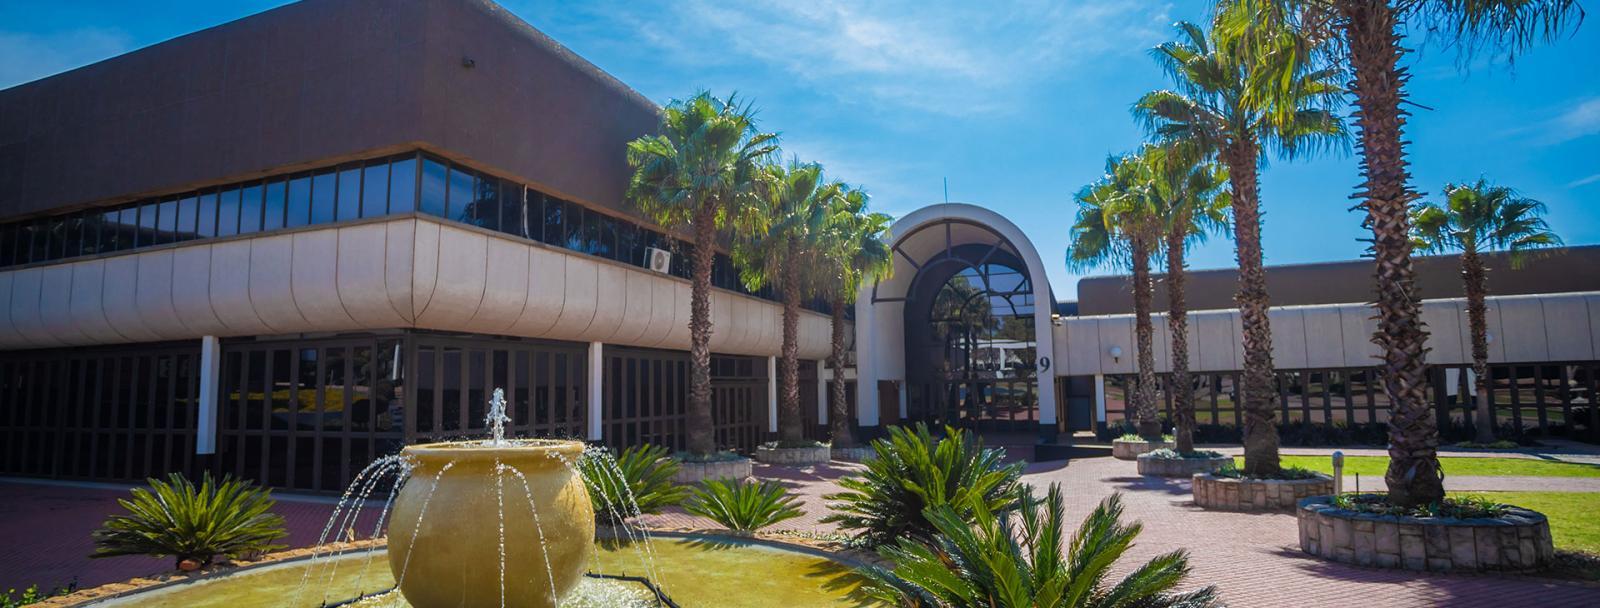 johannesburg expo center